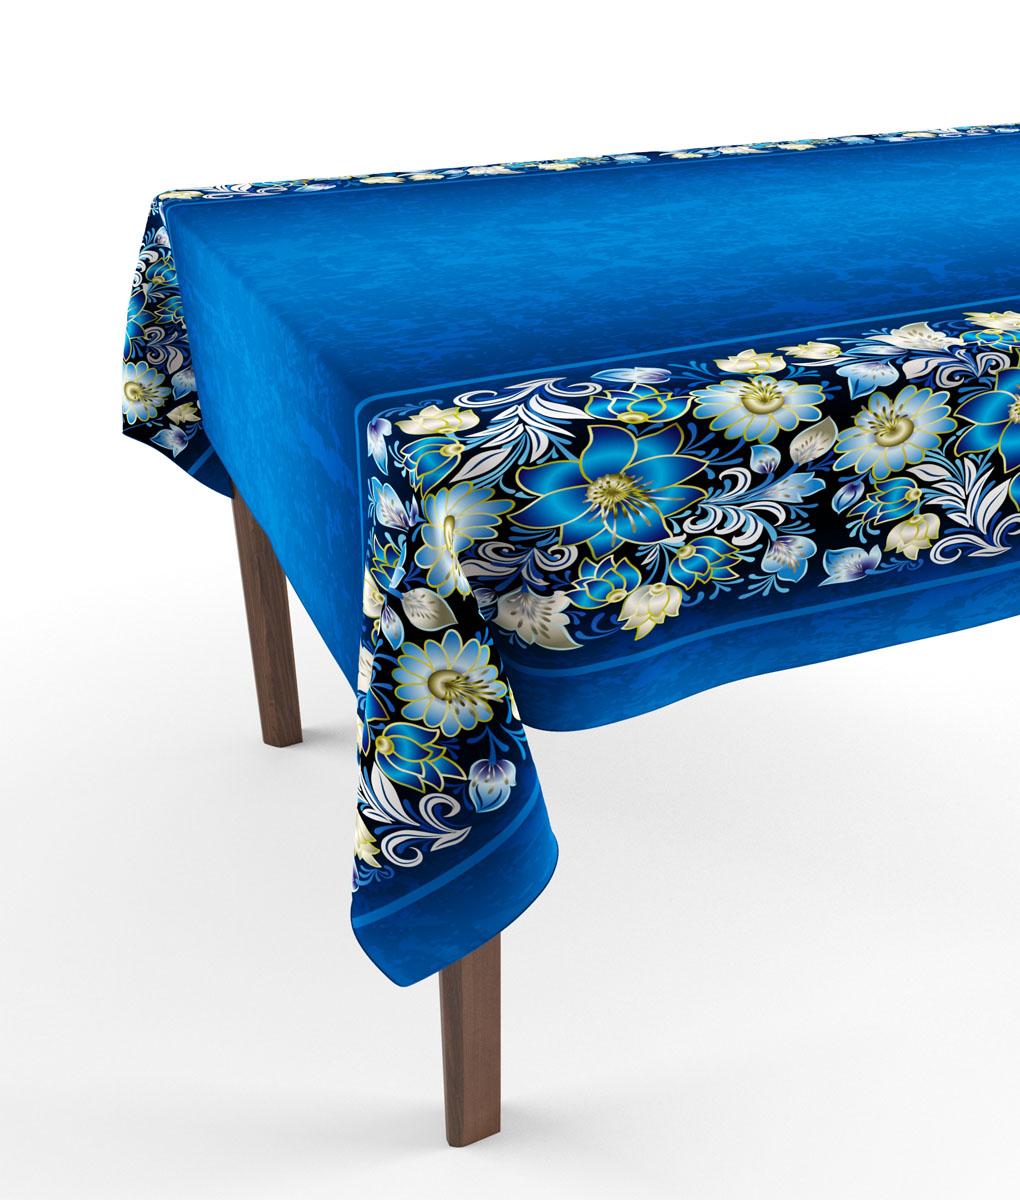 Скатерть Сирень Синие цветы, прямоугольная, 145 x 120 см00472-СК-ГБ-003Прямоугольная скатерть Сирень Синие цветы с ярким и объемным рисунком, выполненная из габардина, преобразит вашу кухню, визуально расширит пространство, создаст атмосферу радости и комфорта. Рекомендации по уходу: стирка при 30 градусах, гладить при температуре до 110 градусов. Размер скатерти: 145 х 120 см. Изображение может немного отличаться от реального.